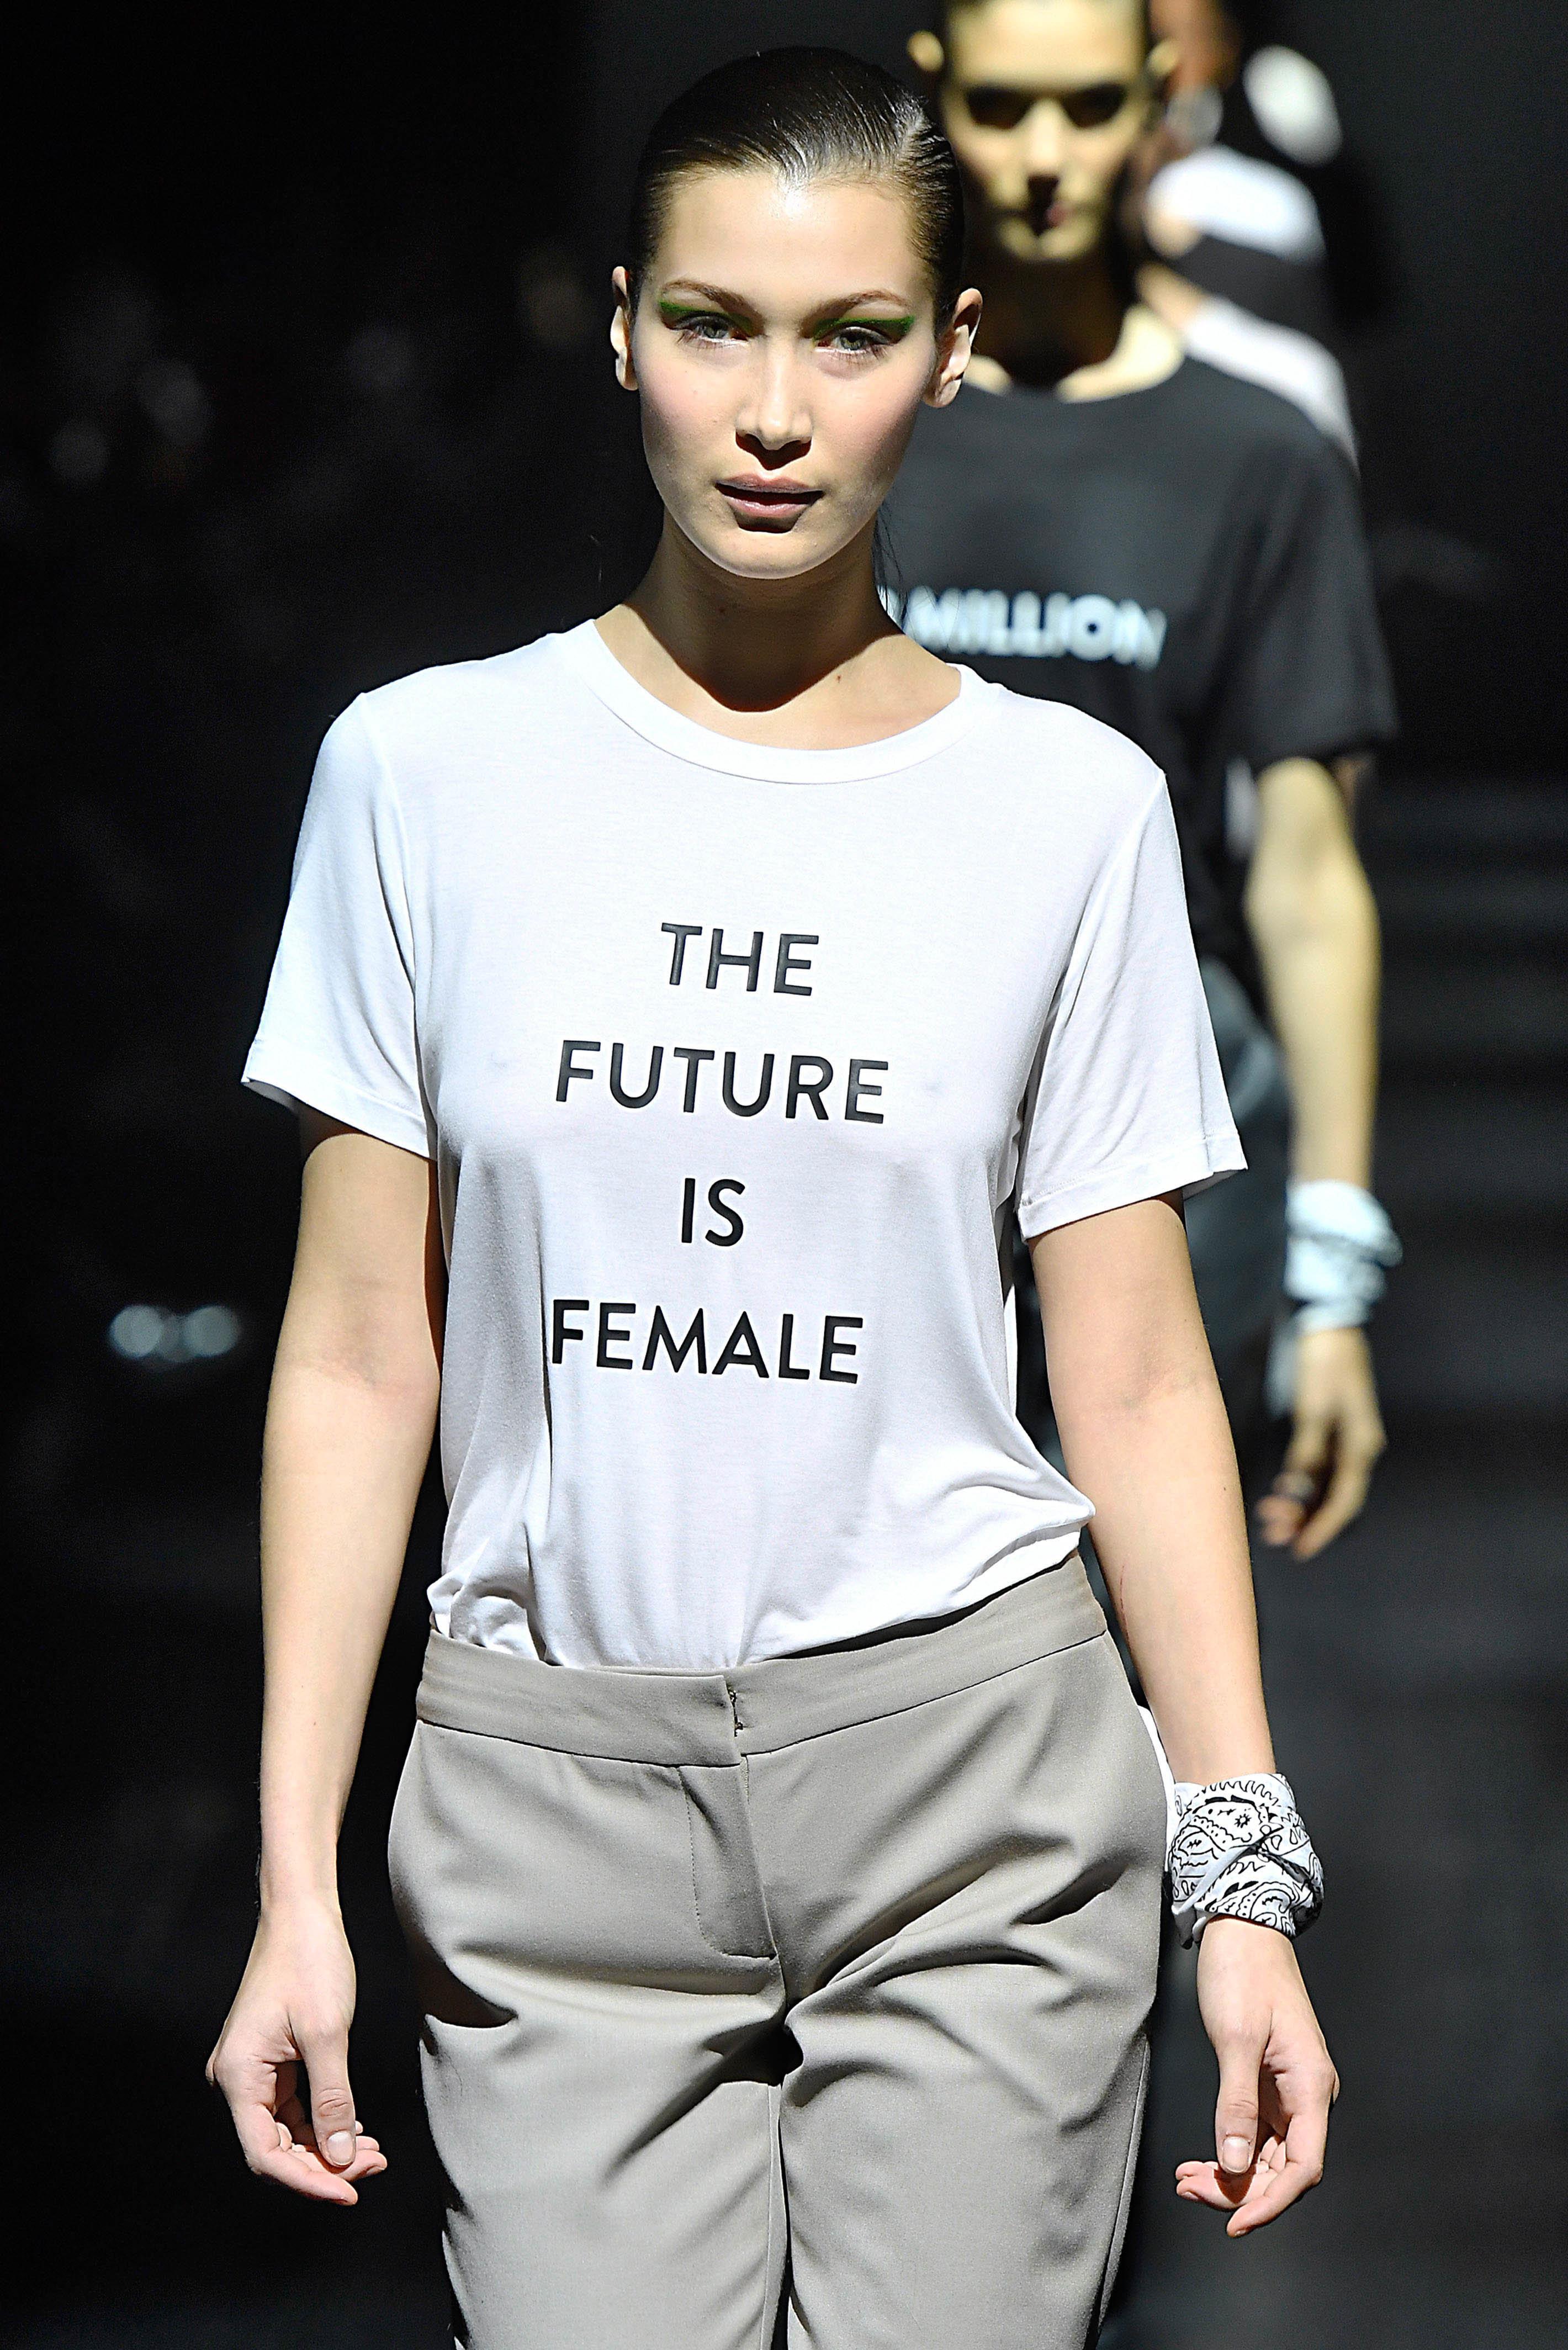 당신의 딸이 입는 페미니스트 티셔츠는 왜